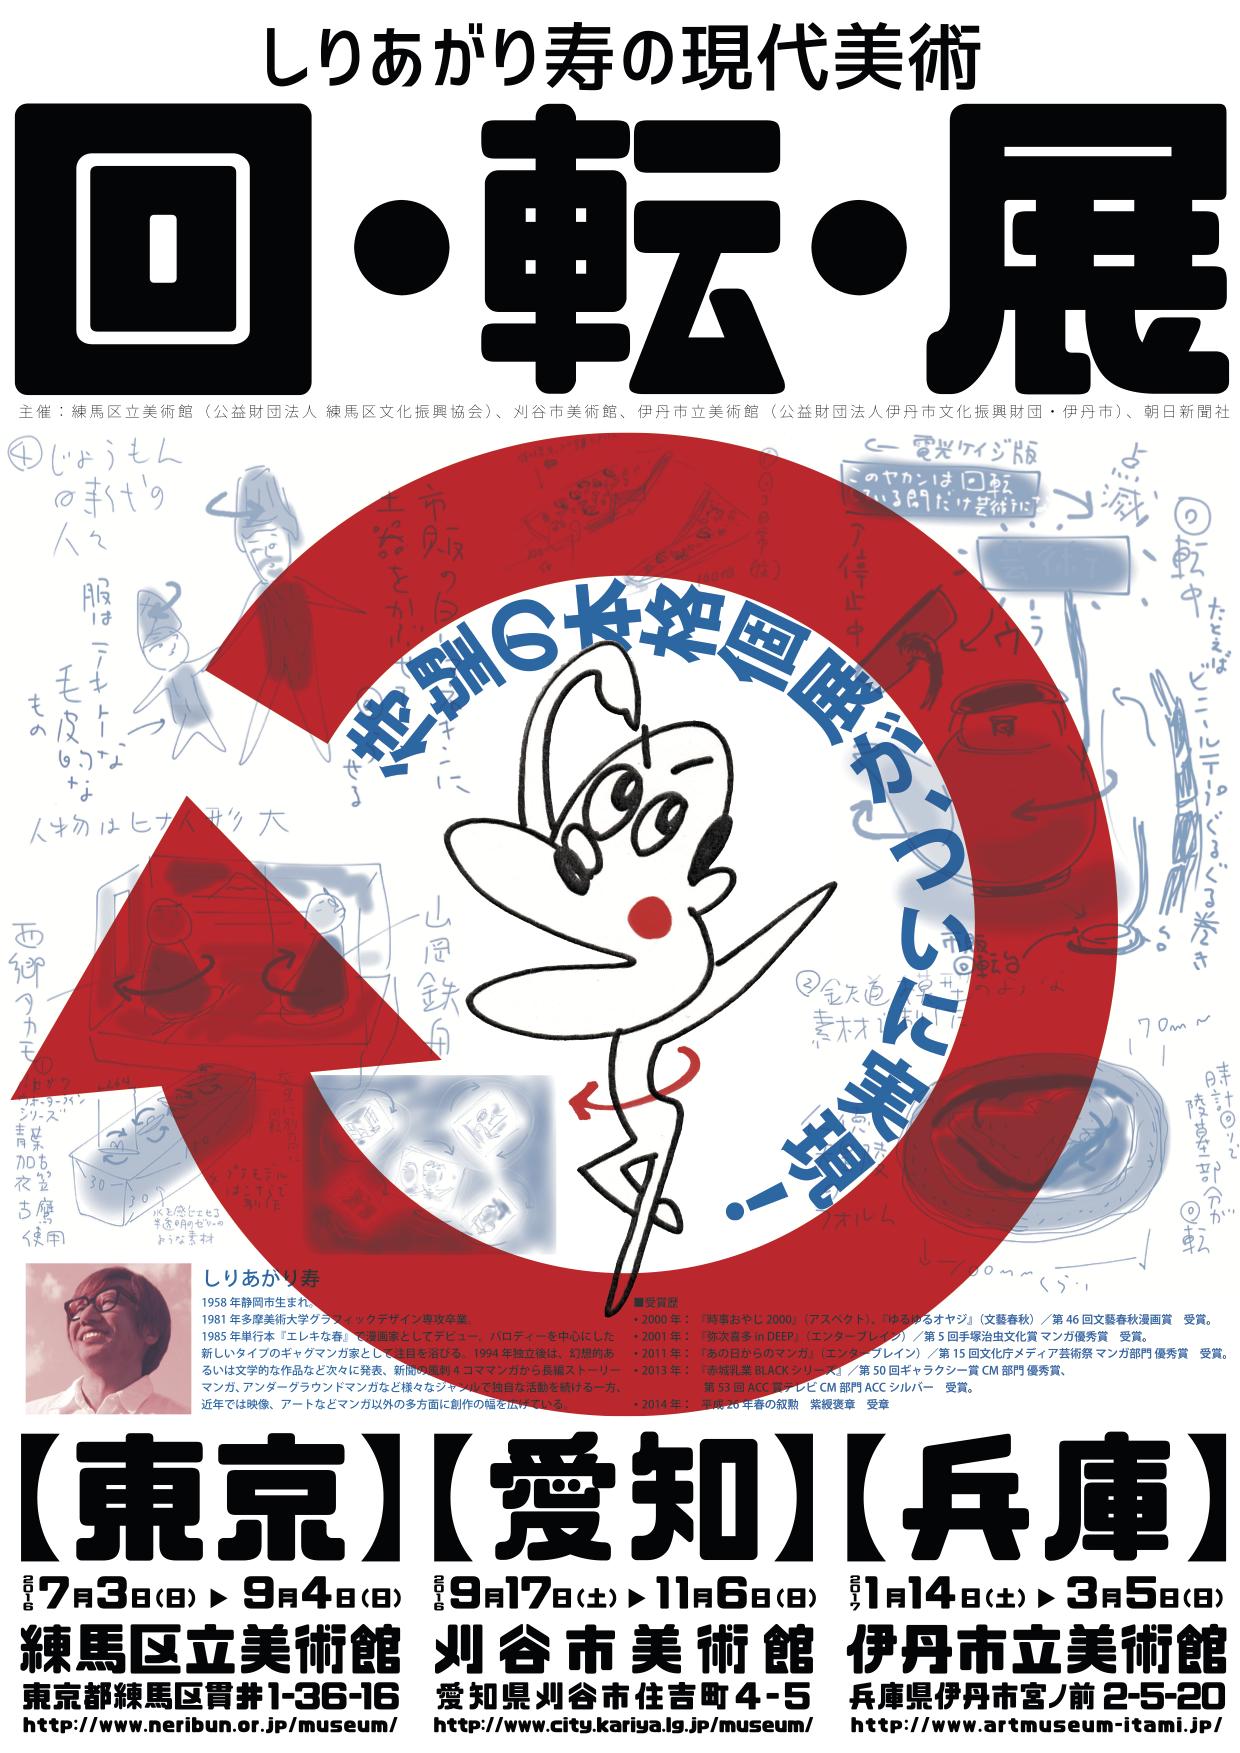 しりあがり寿先生による個展「回・転・展」開催中!